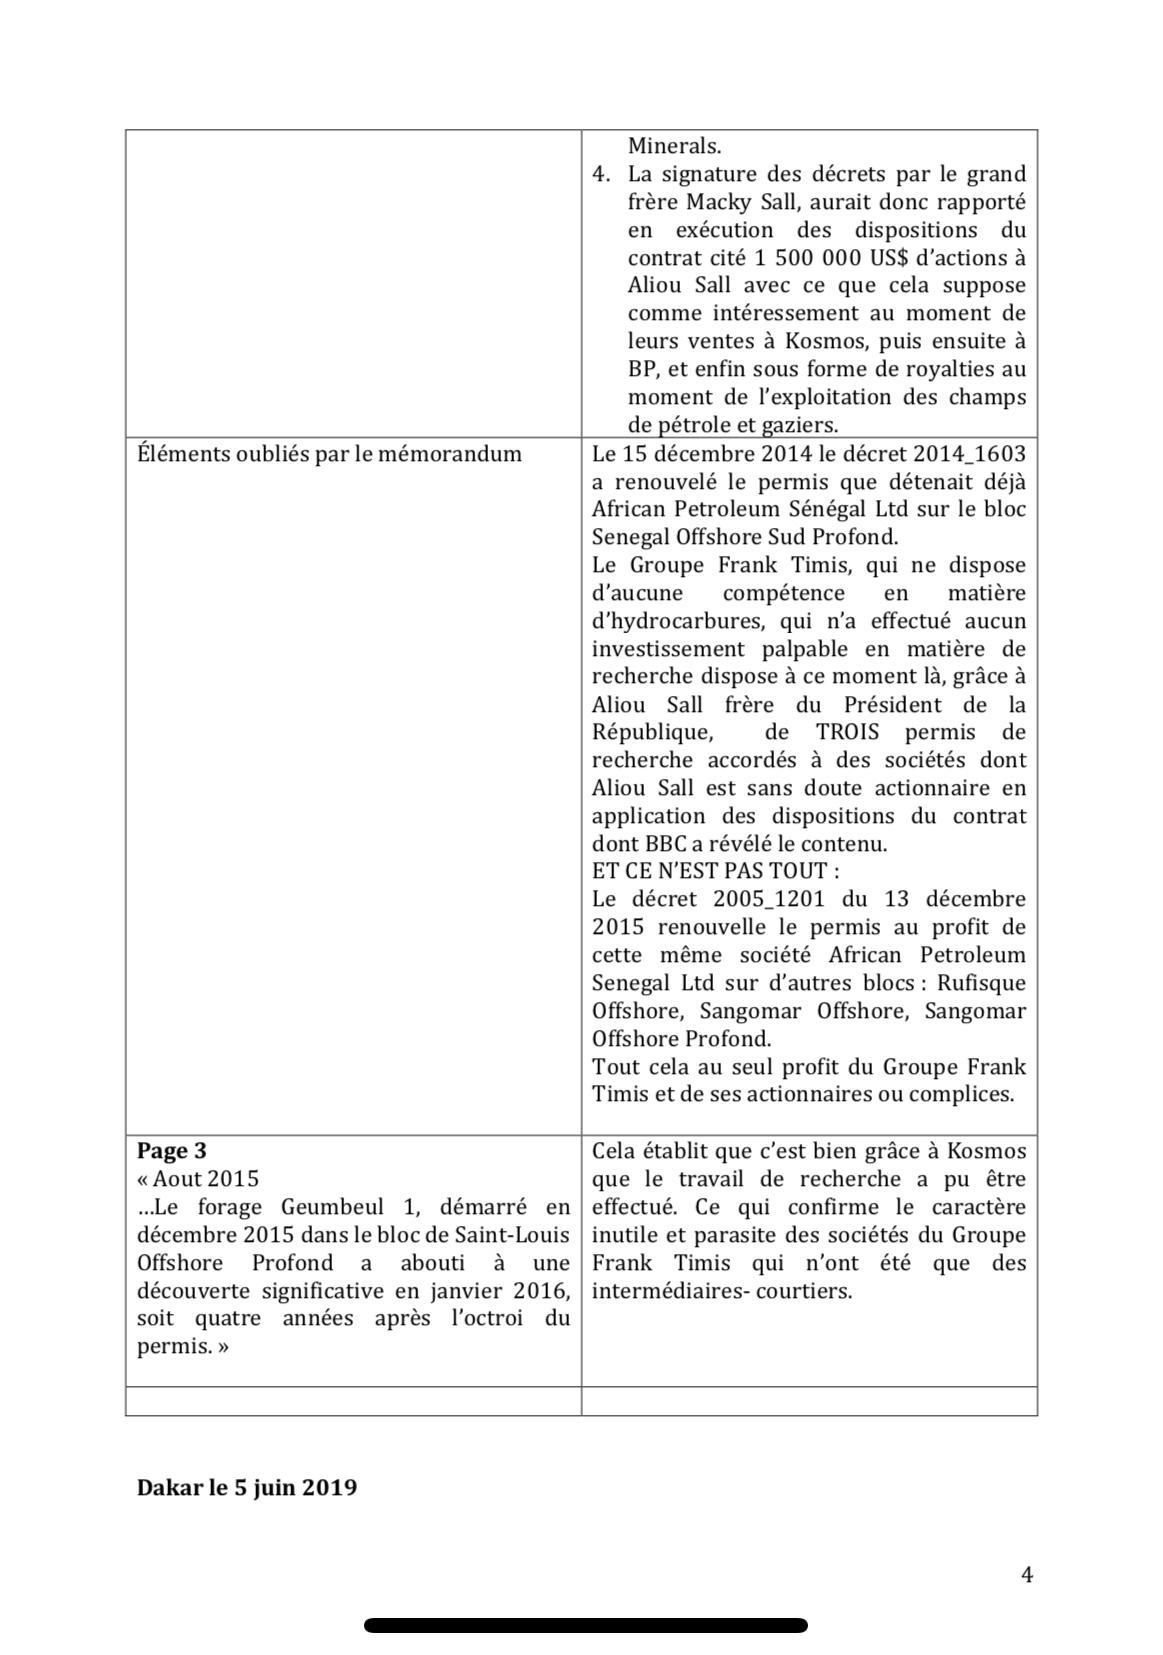 ACT répond : Quelques observations et réponses au mémorandum présenté par le Gouvernement du Sénégal en date du 5 juin 2019 Portant sur le documentaire de la BBC relatif à l'attribution de permis pétroliers et gaziers au Sénégal. (DOCUMENT)